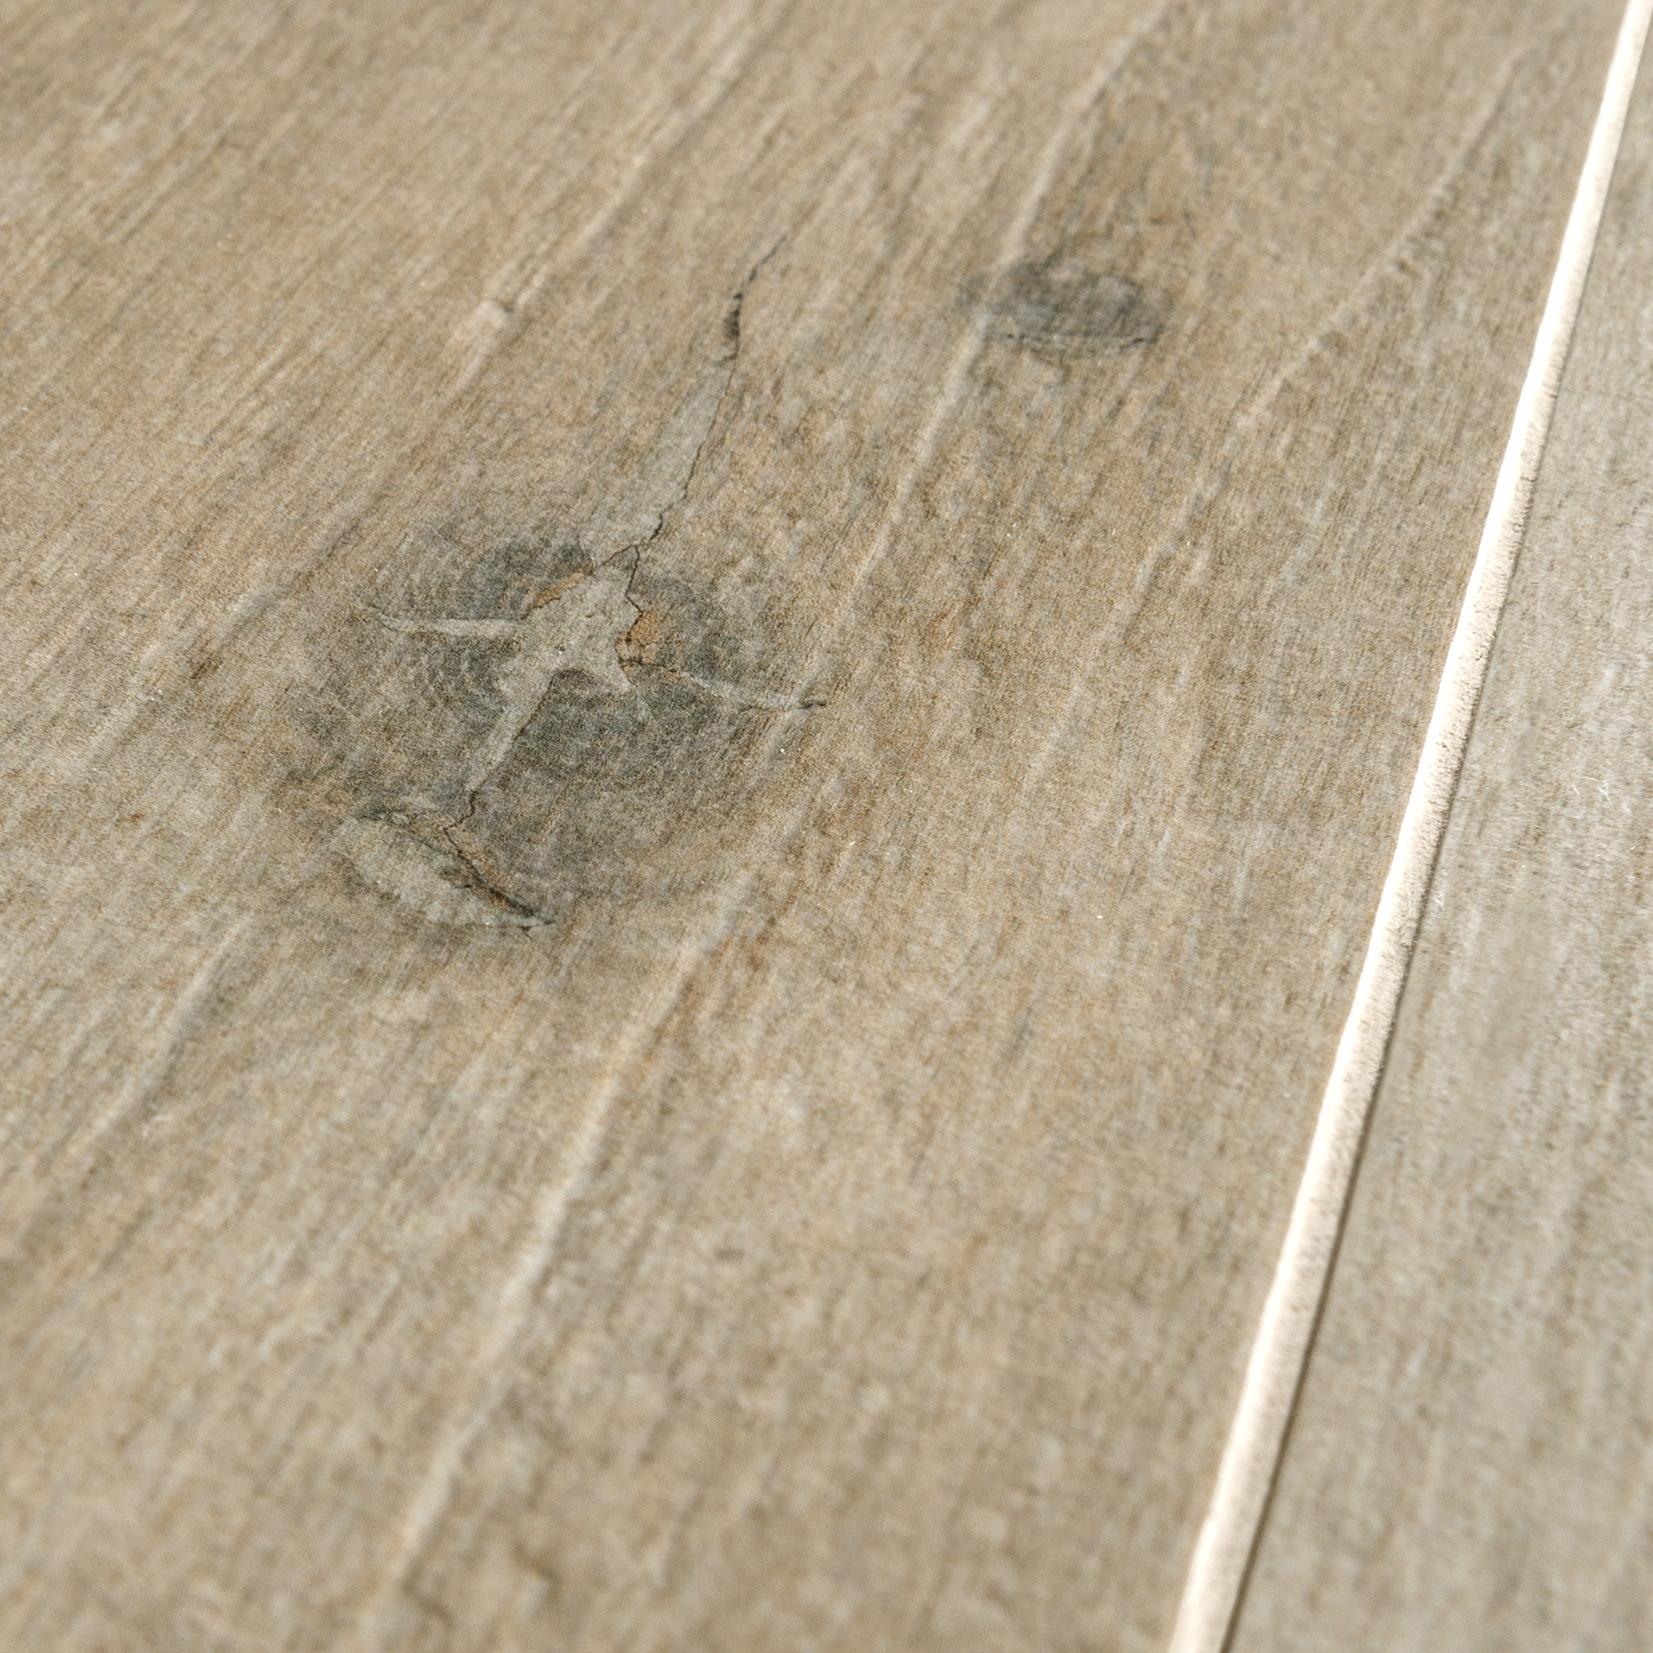 бежевая плитка италон керамогранит для пола натуральная поверхность бежевый керамогранит под дерево